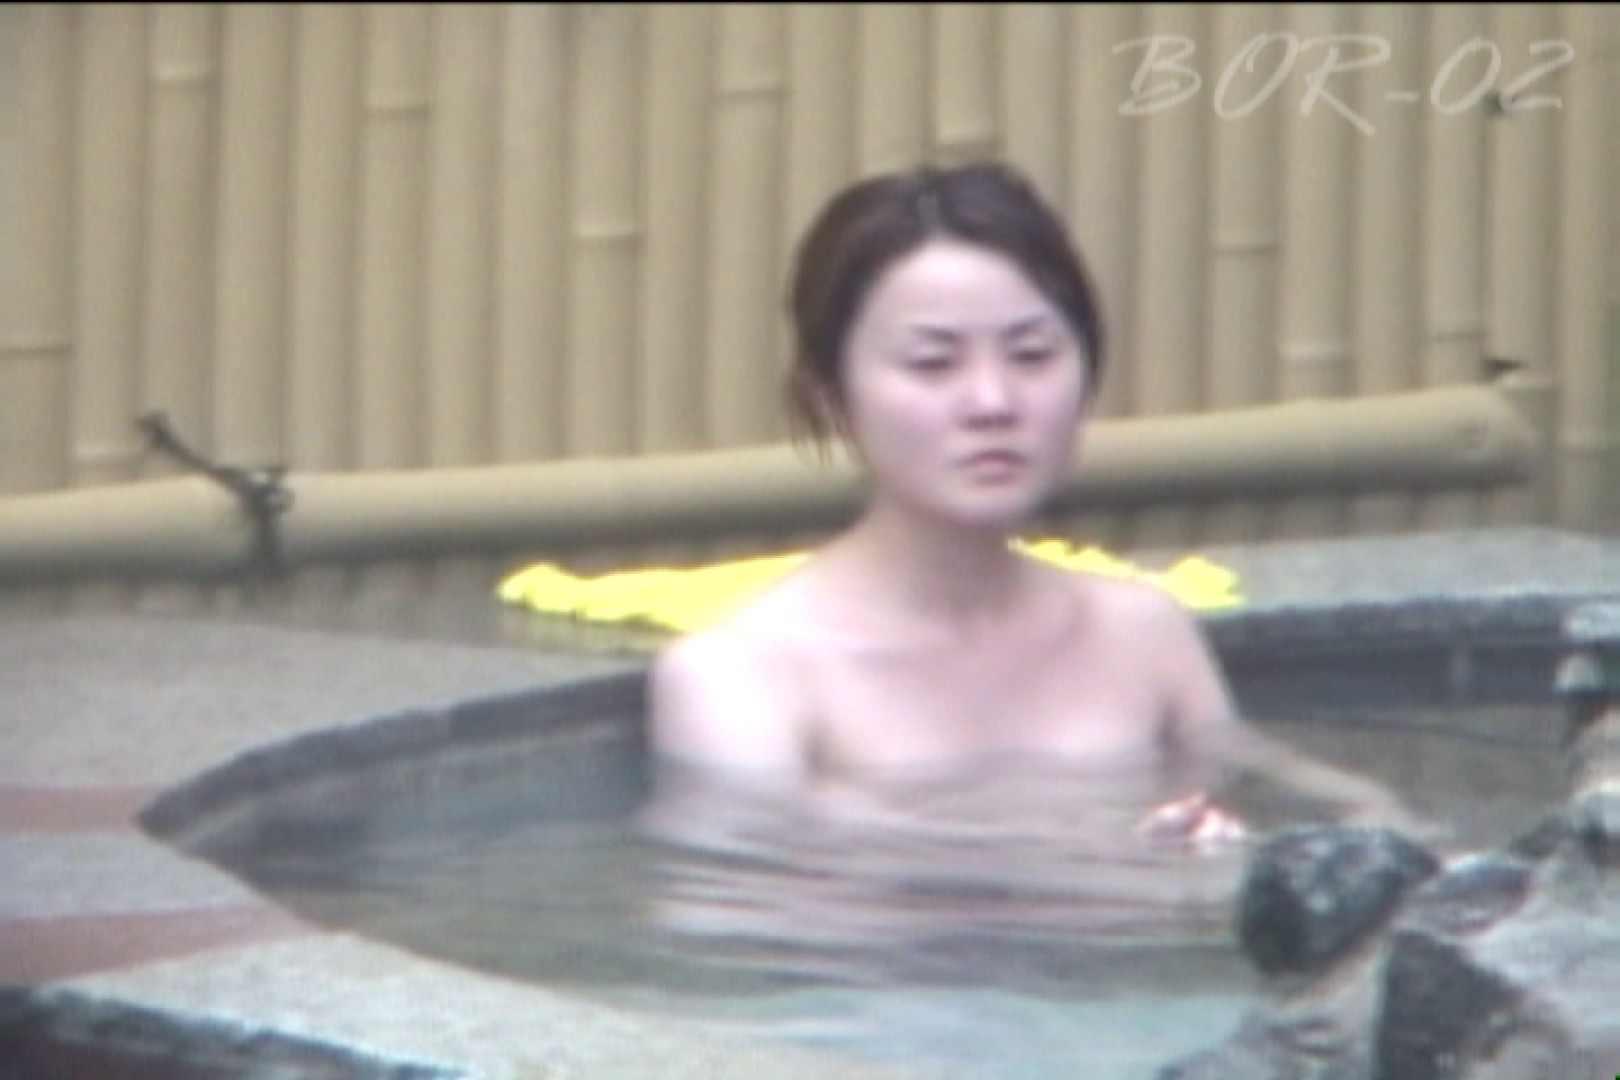 Aquaな露天風呂Vol.474 露天風呂 | 盗撮動画  10枚 9